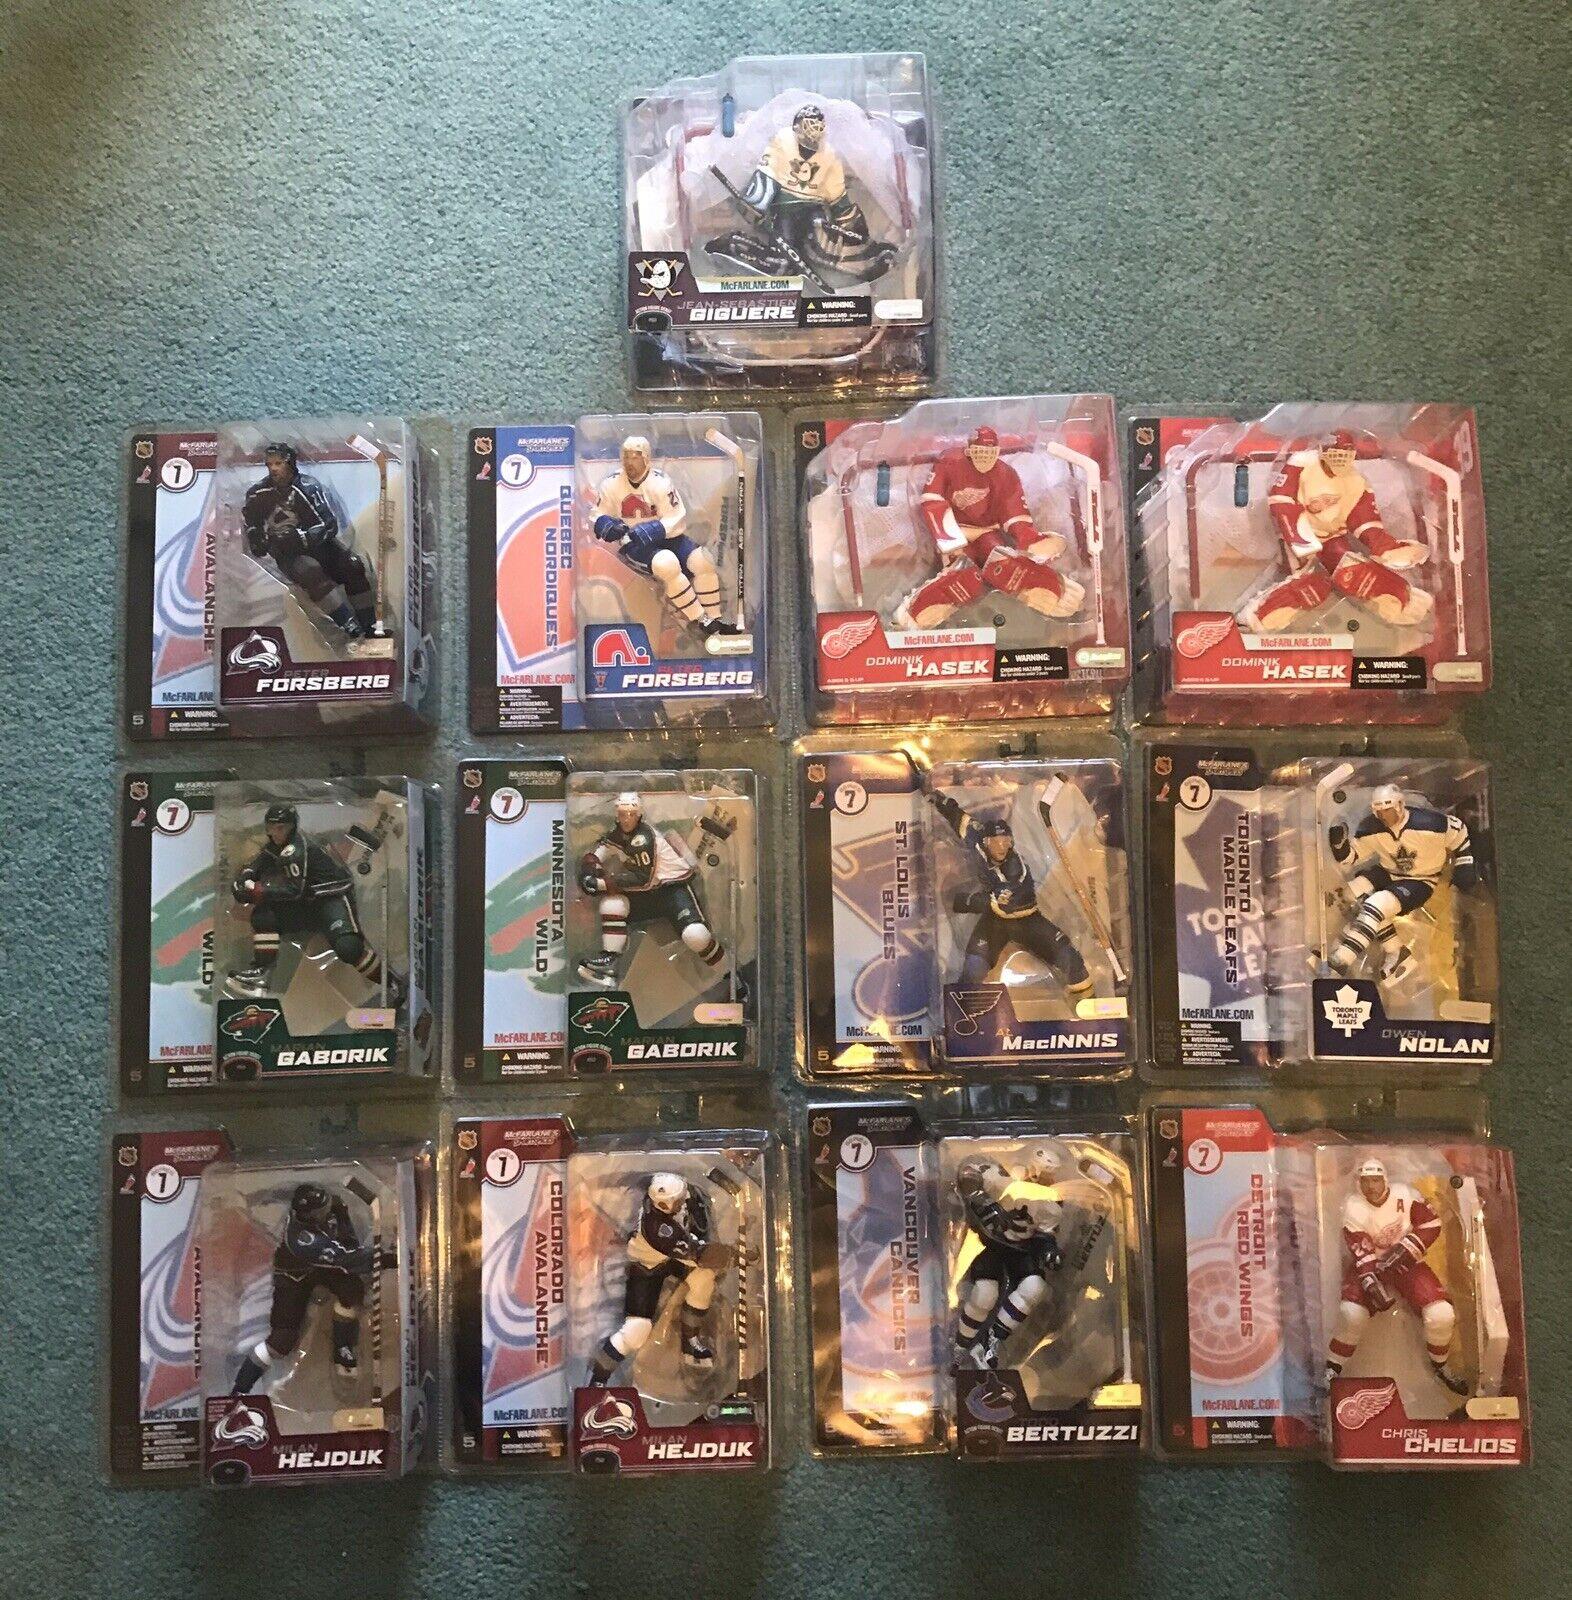 McFarland 7 NHL hockey, 9 más 4, transformación 13.